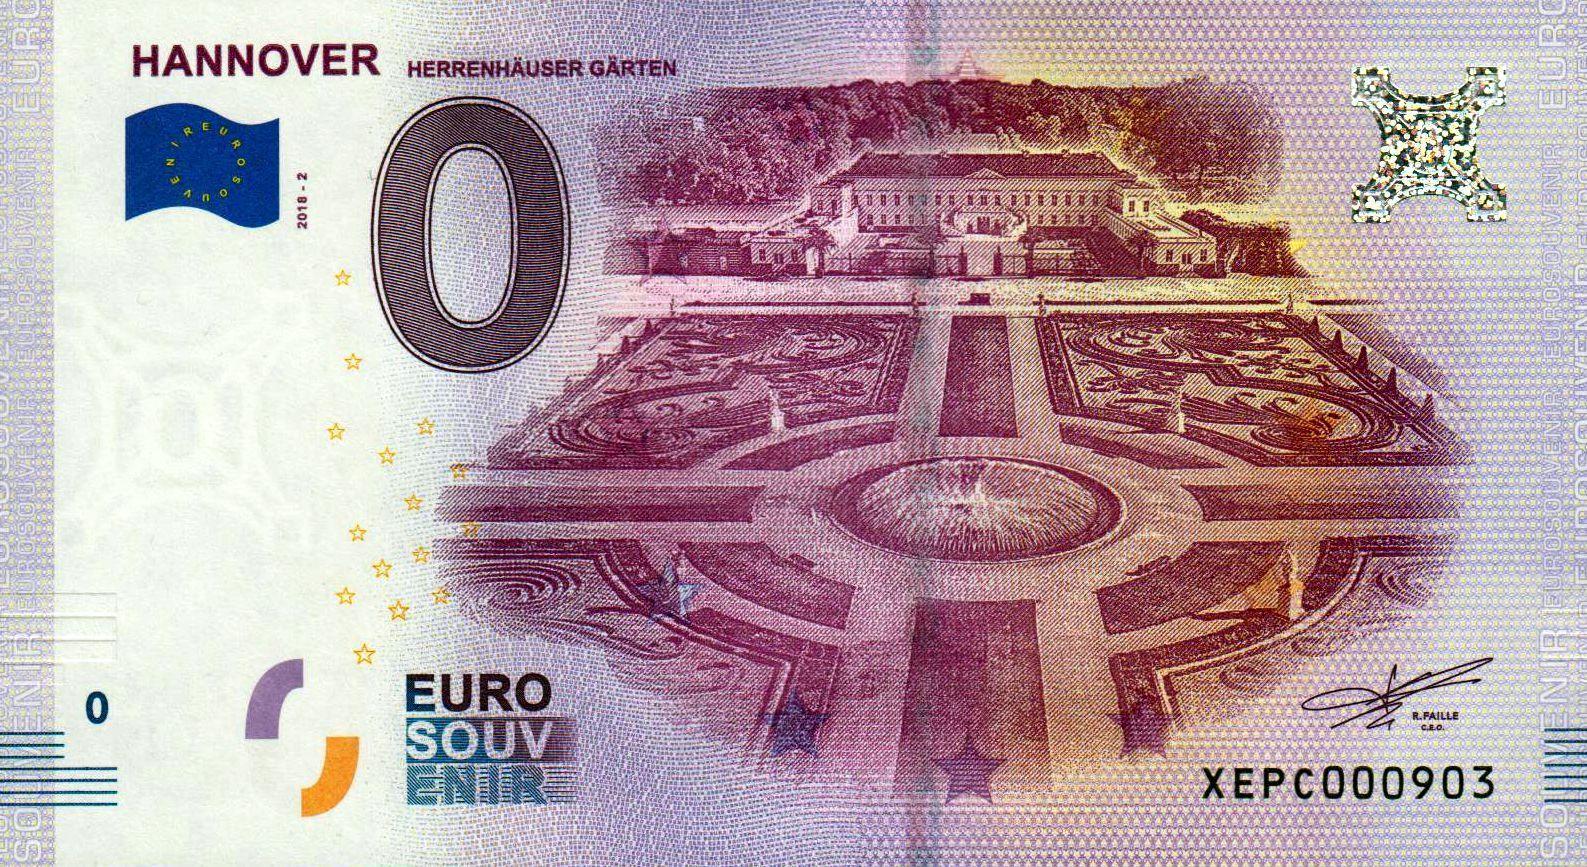 Hannover 2018 2 herrenhauser garten zero euro souvenir for Hannover souvenirs